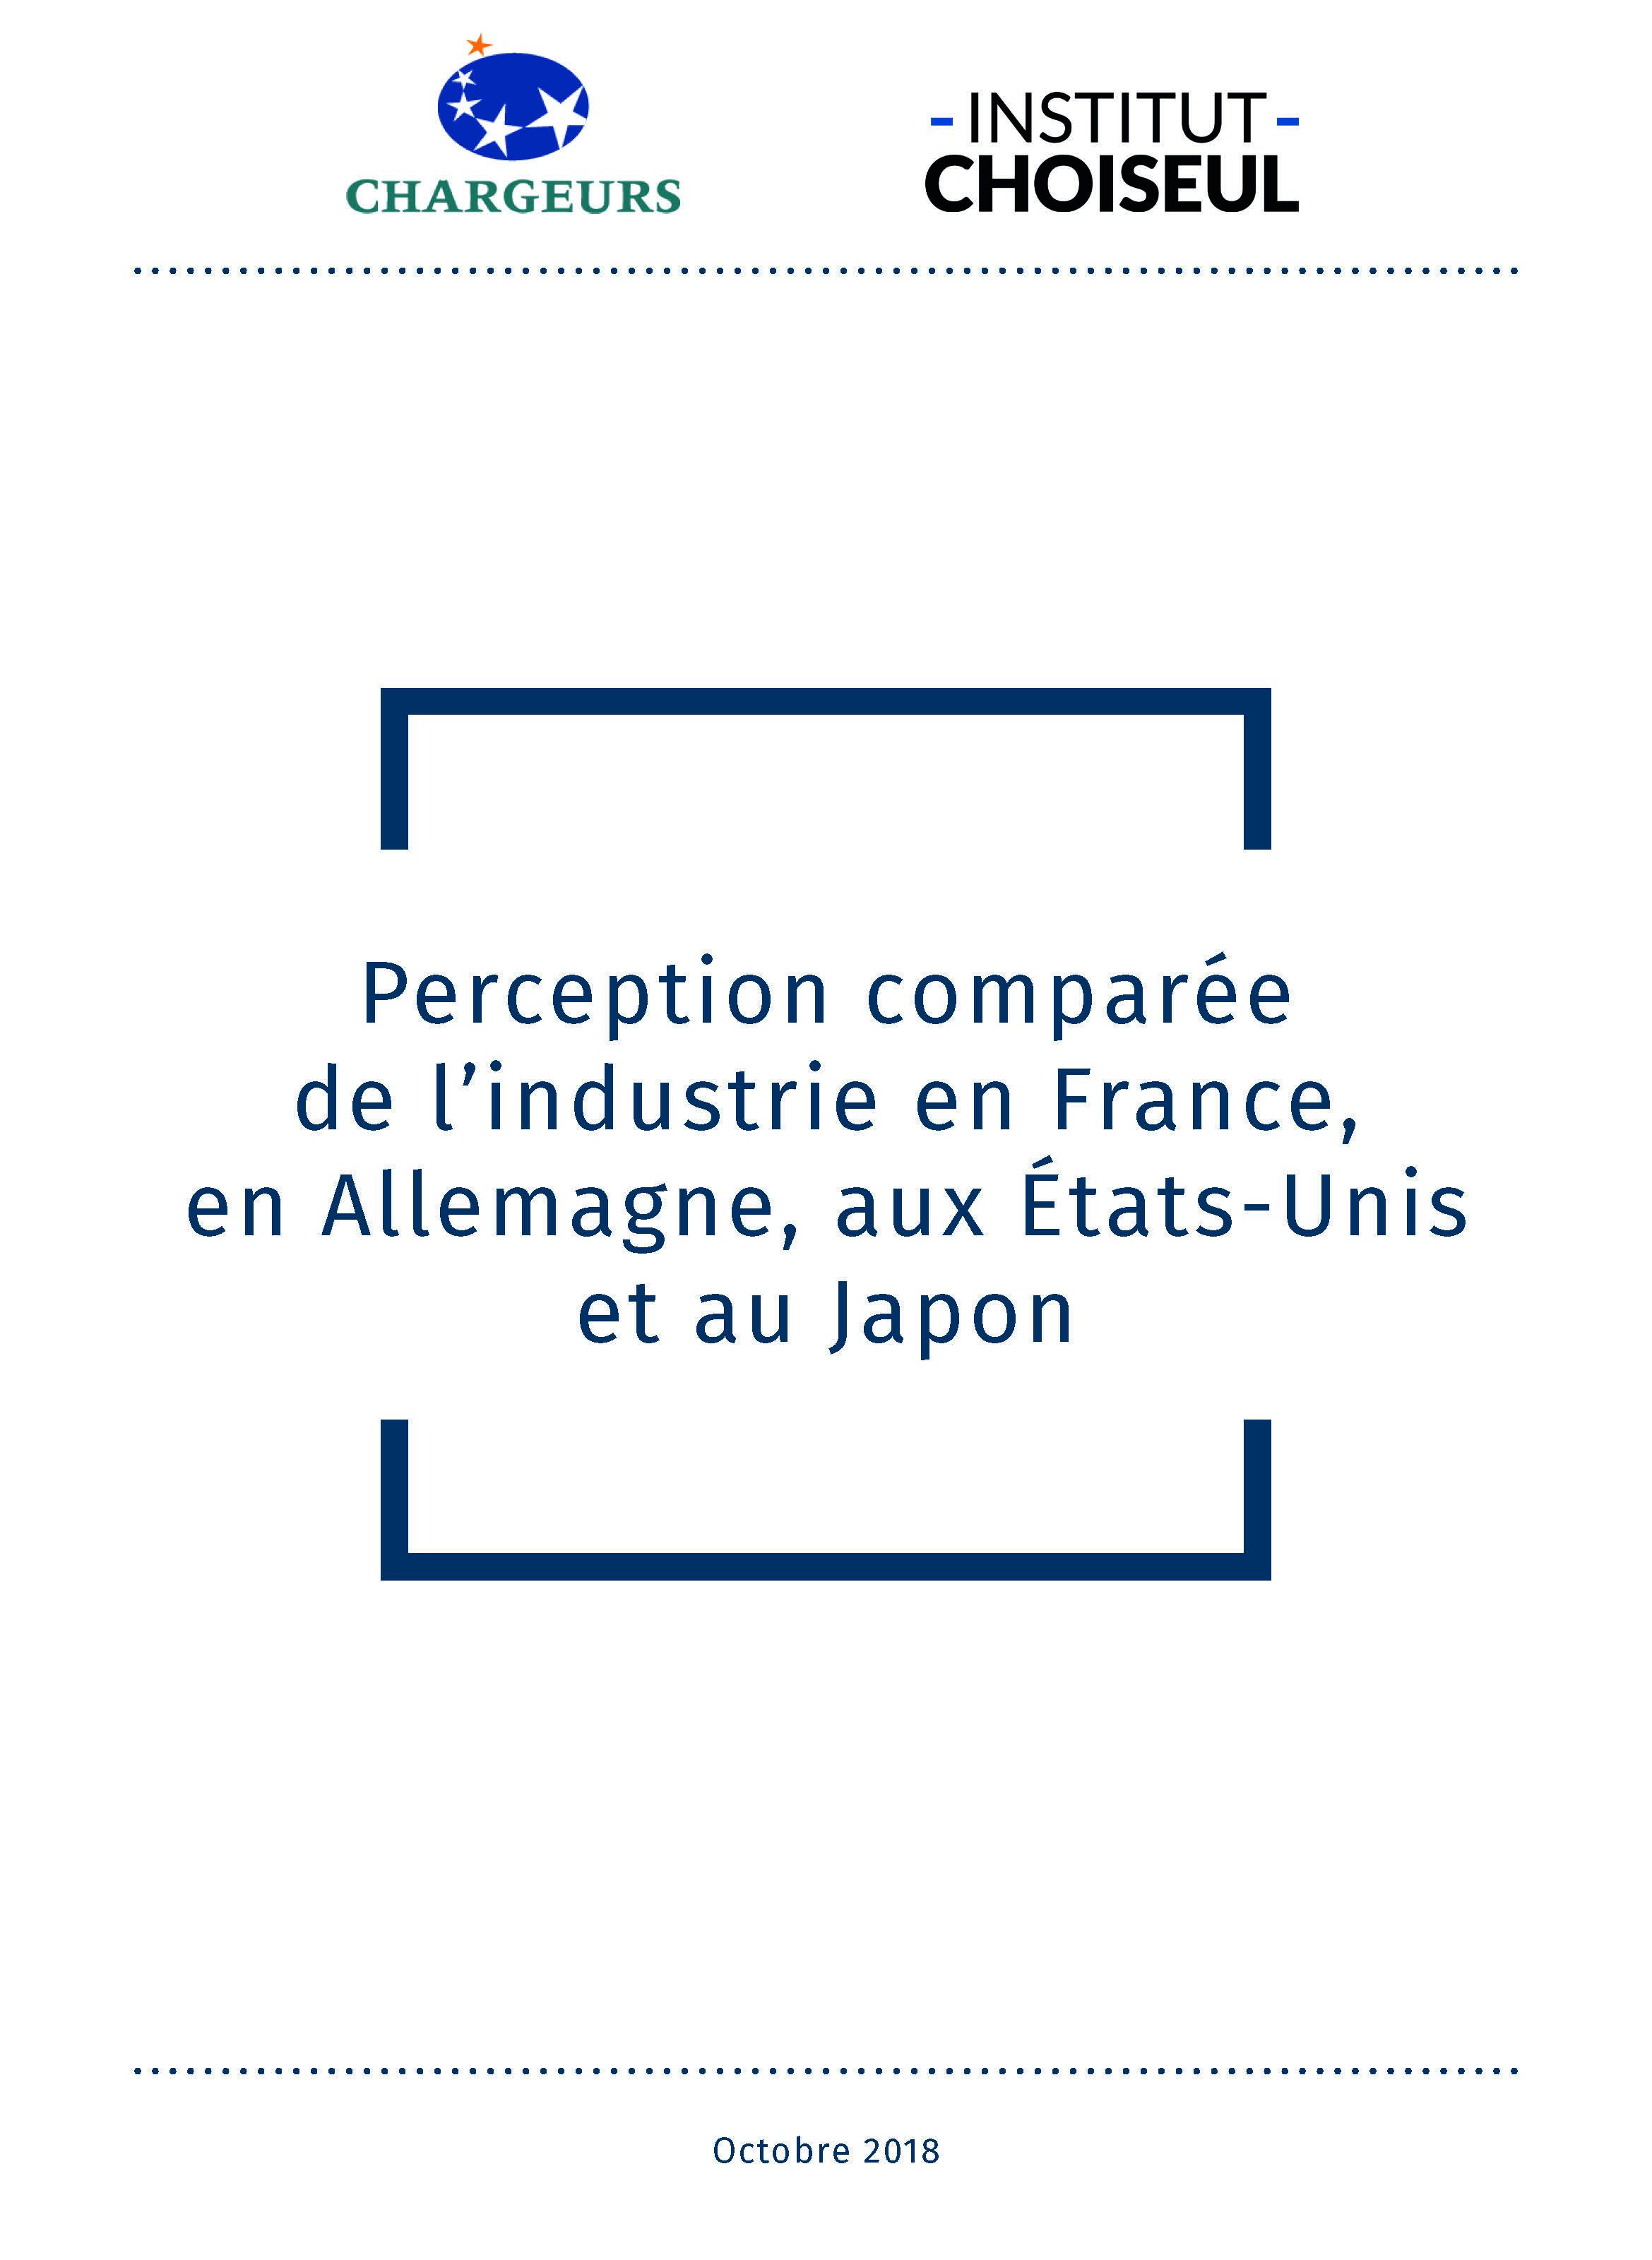 Perception comparée de l'industrie en France, Allemagne, États-Unis et au Japon.